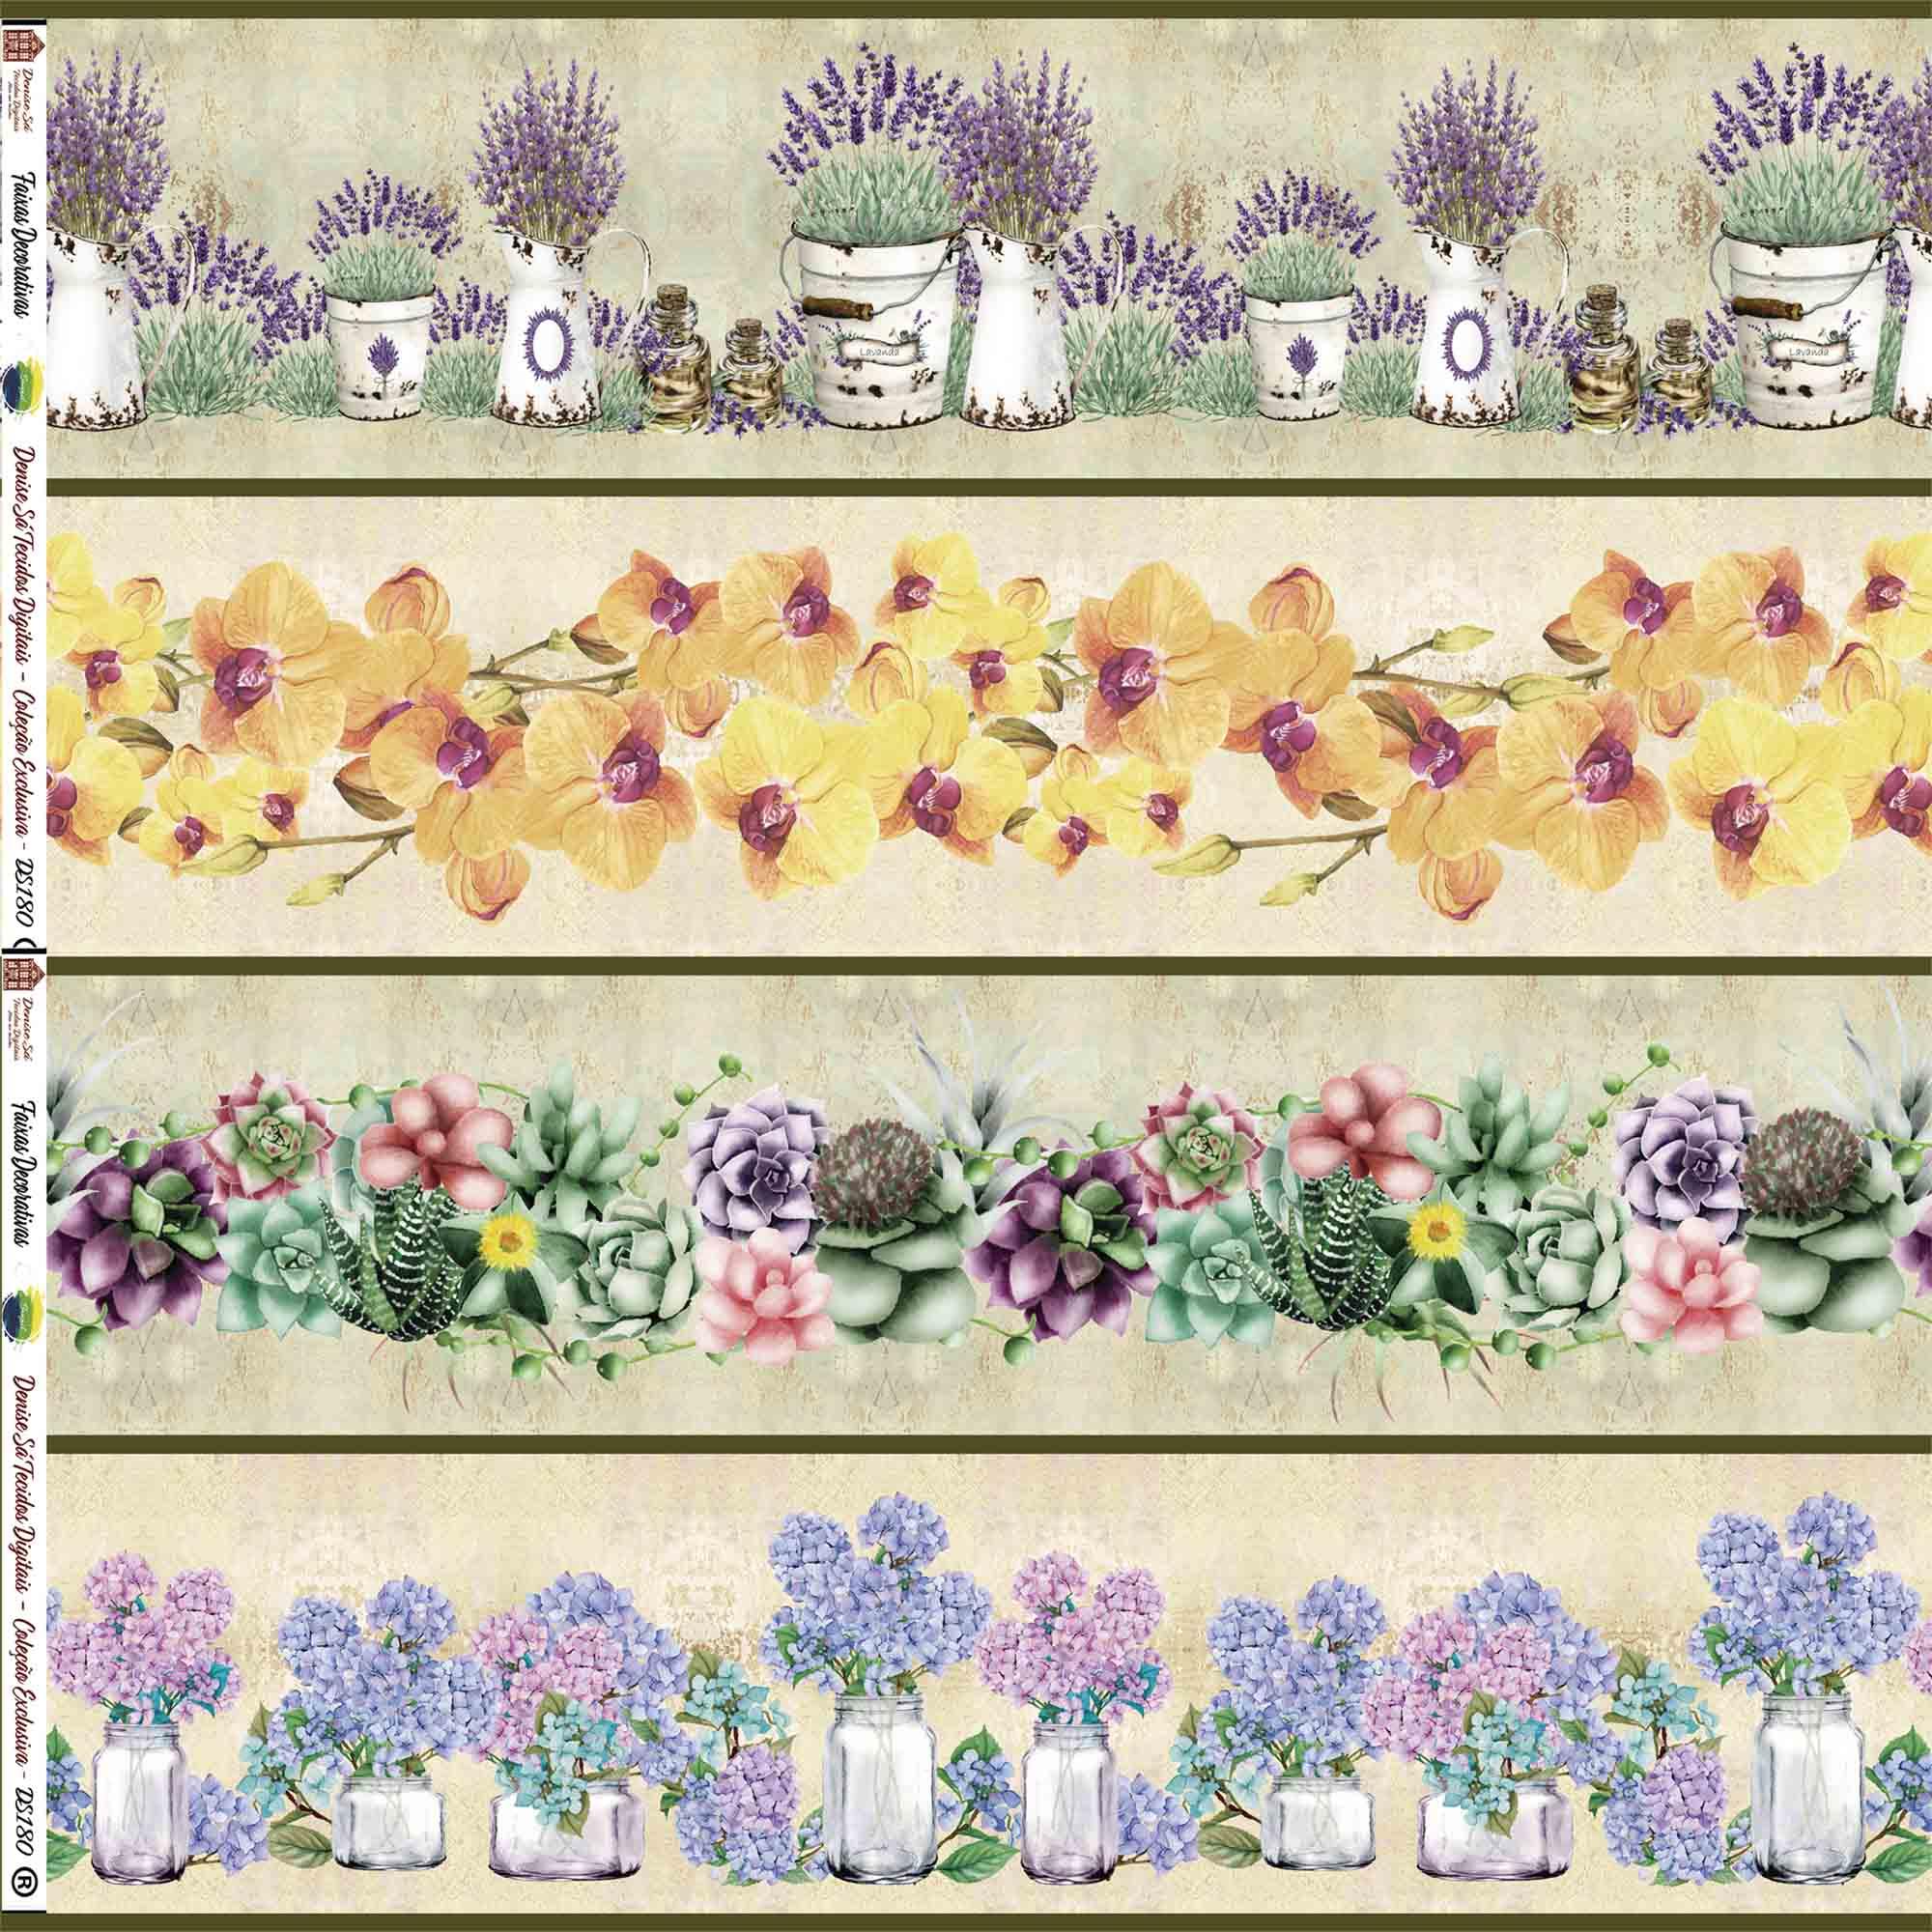 Faixa Floral II